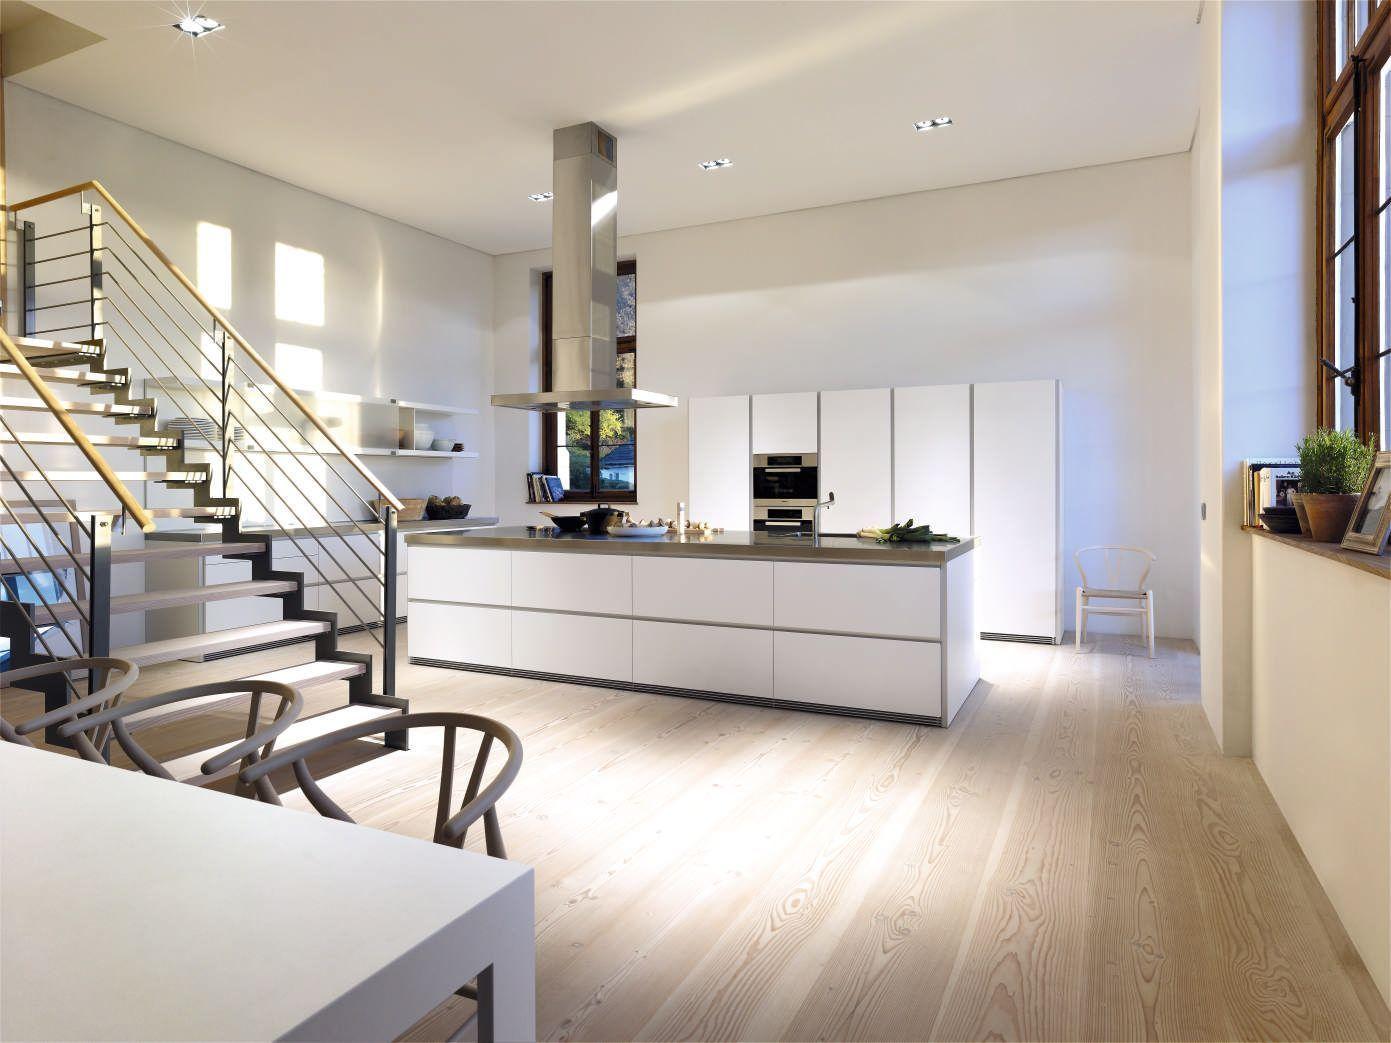 qualite cuisine amazing cuisine en bois ralise par la menuiserie maucourant with qualite. Black Bedroom Furniture Sets. Home Design Ideas